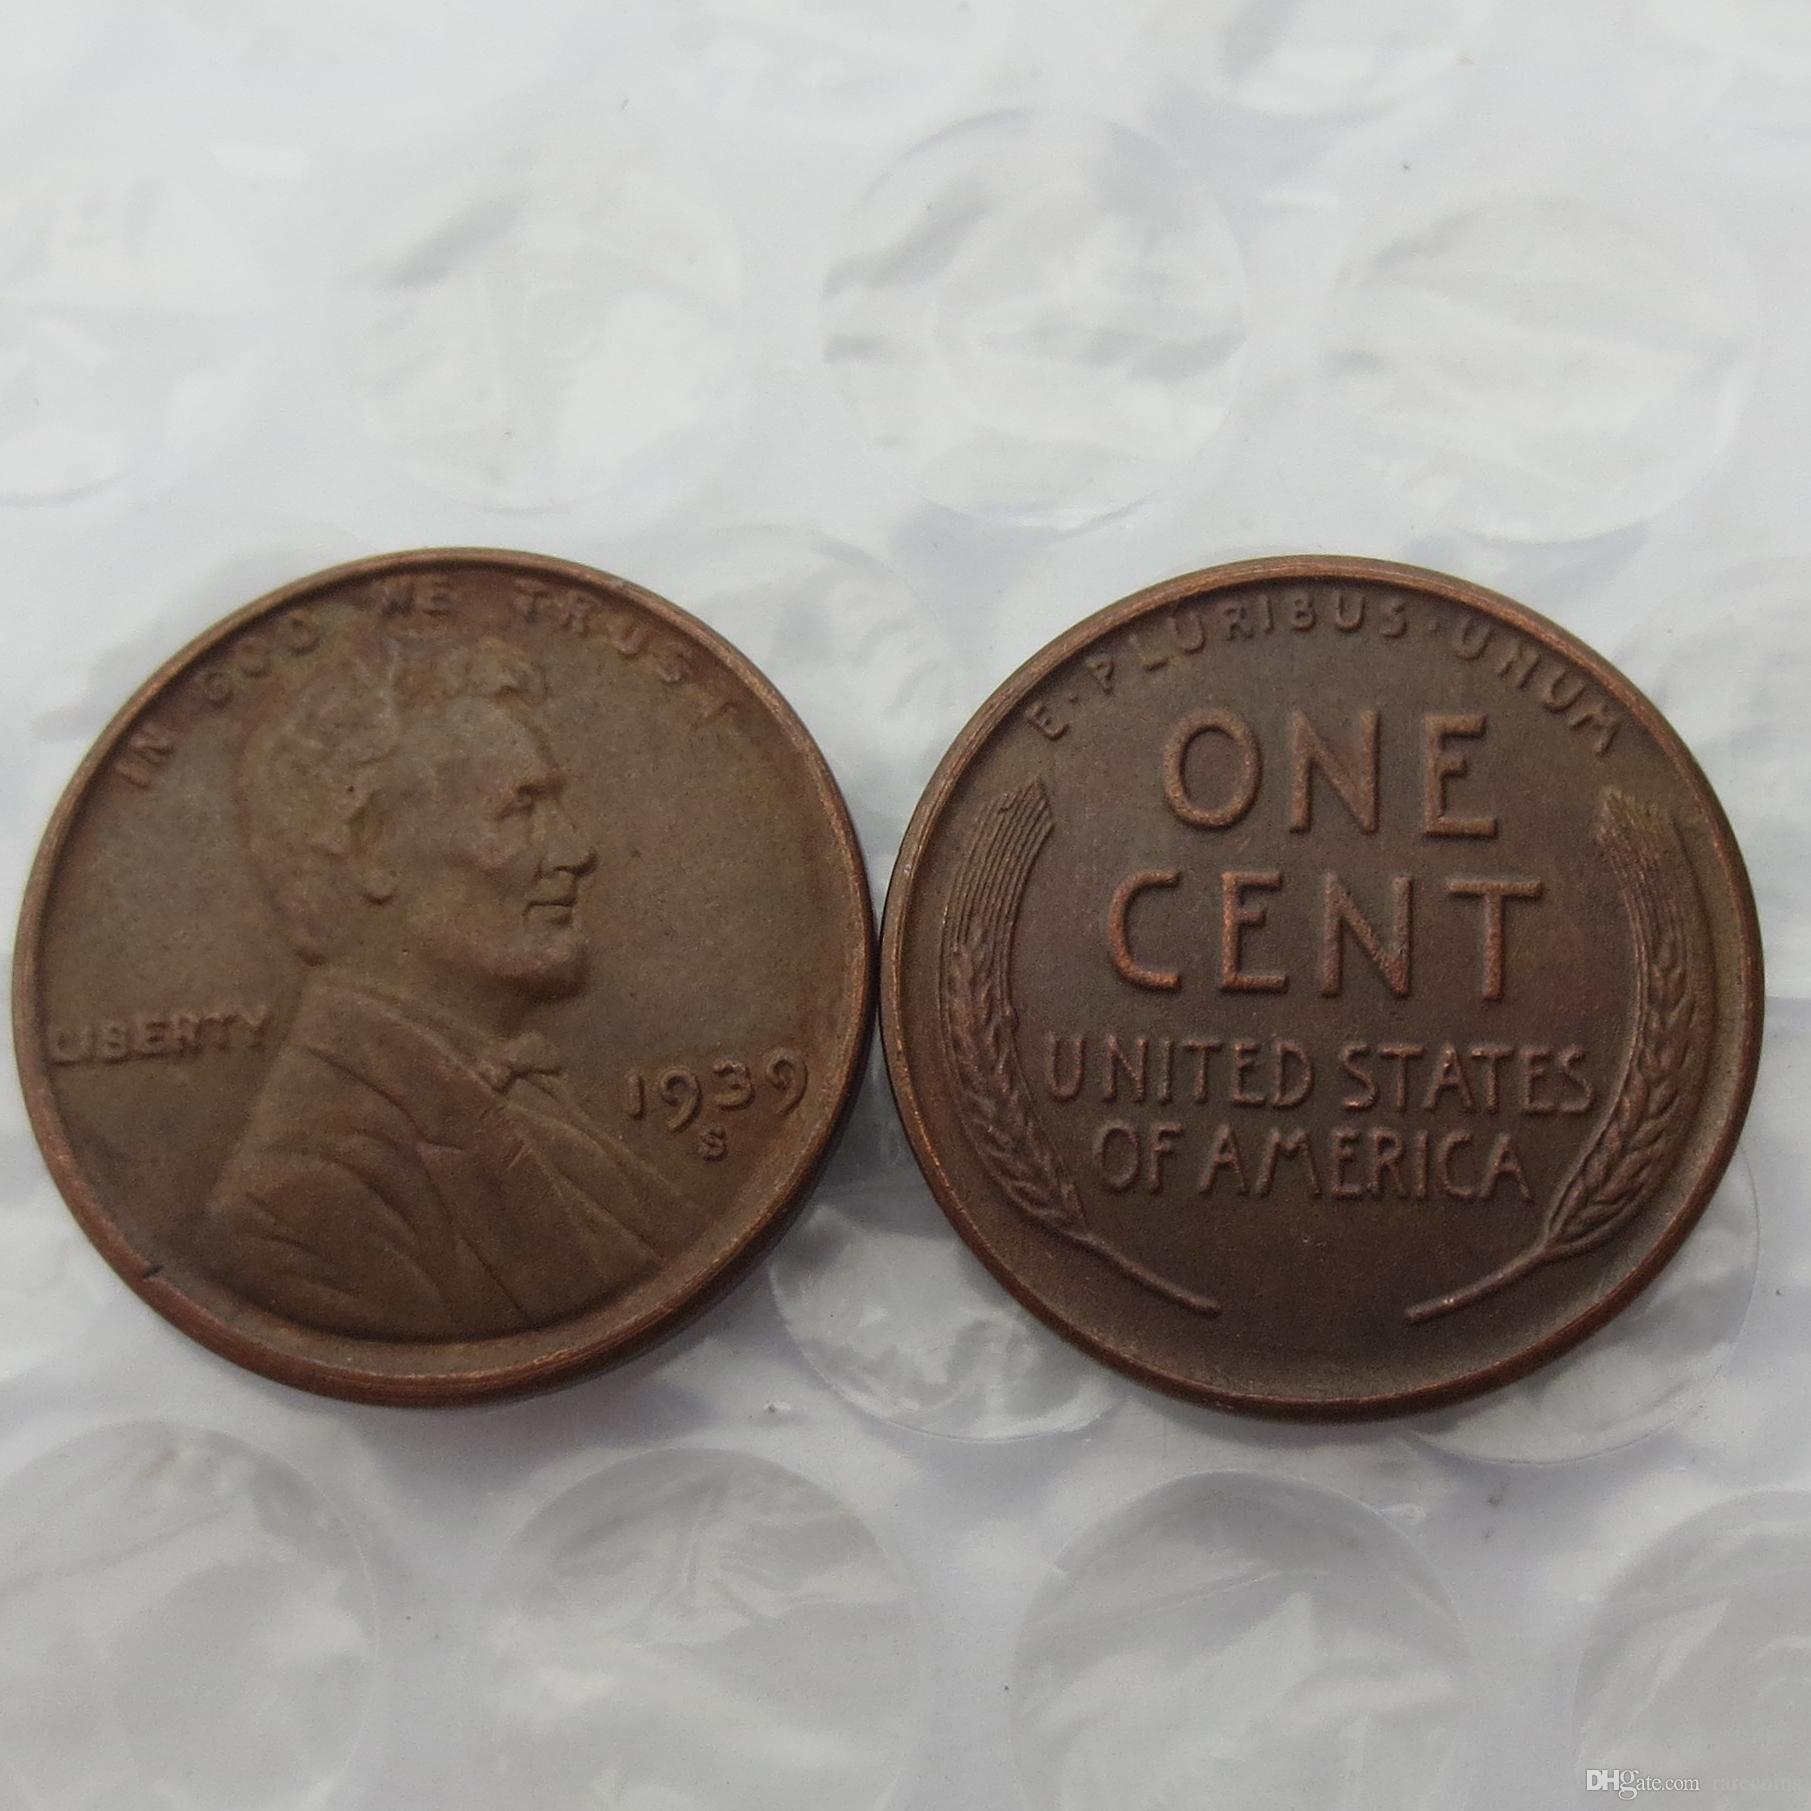 Großhandel 1939s Lincoln One Cents Copy Usa Münzen Unterscheiden